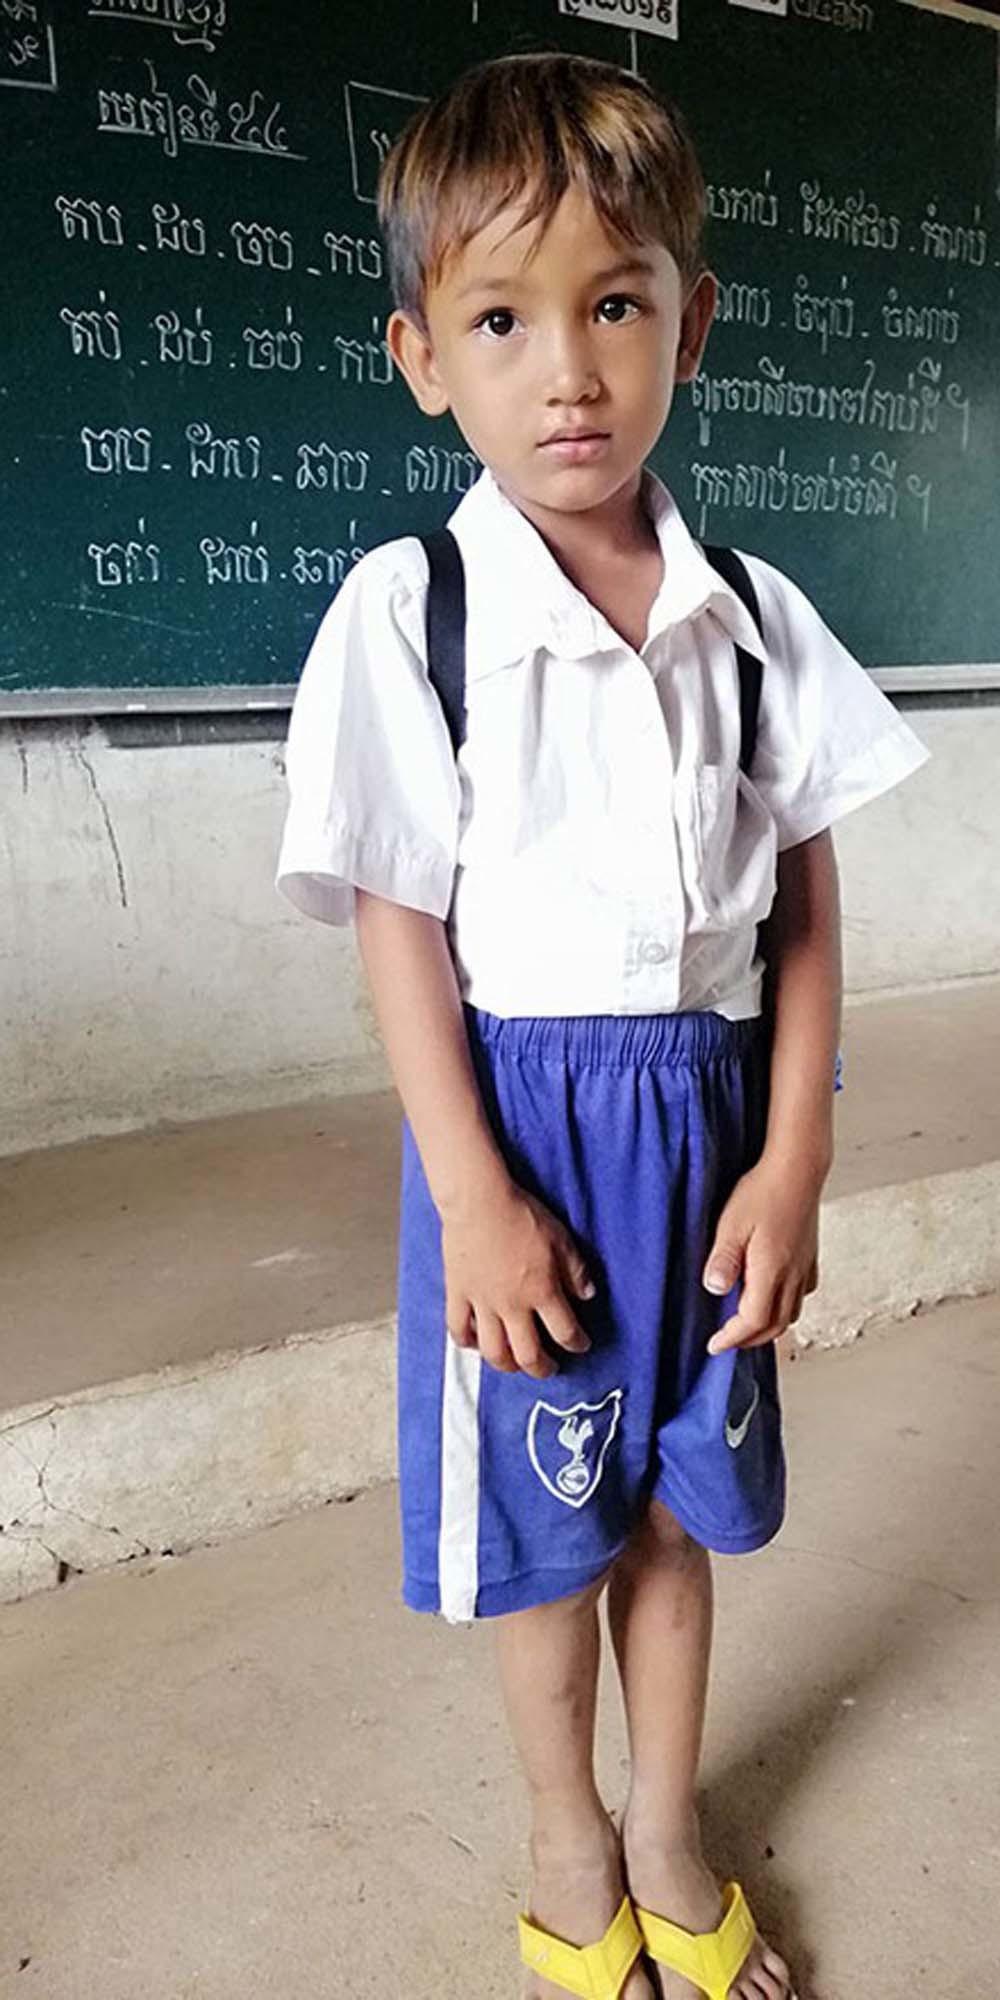 Campuchia,Mạng xã hội,Học sinh